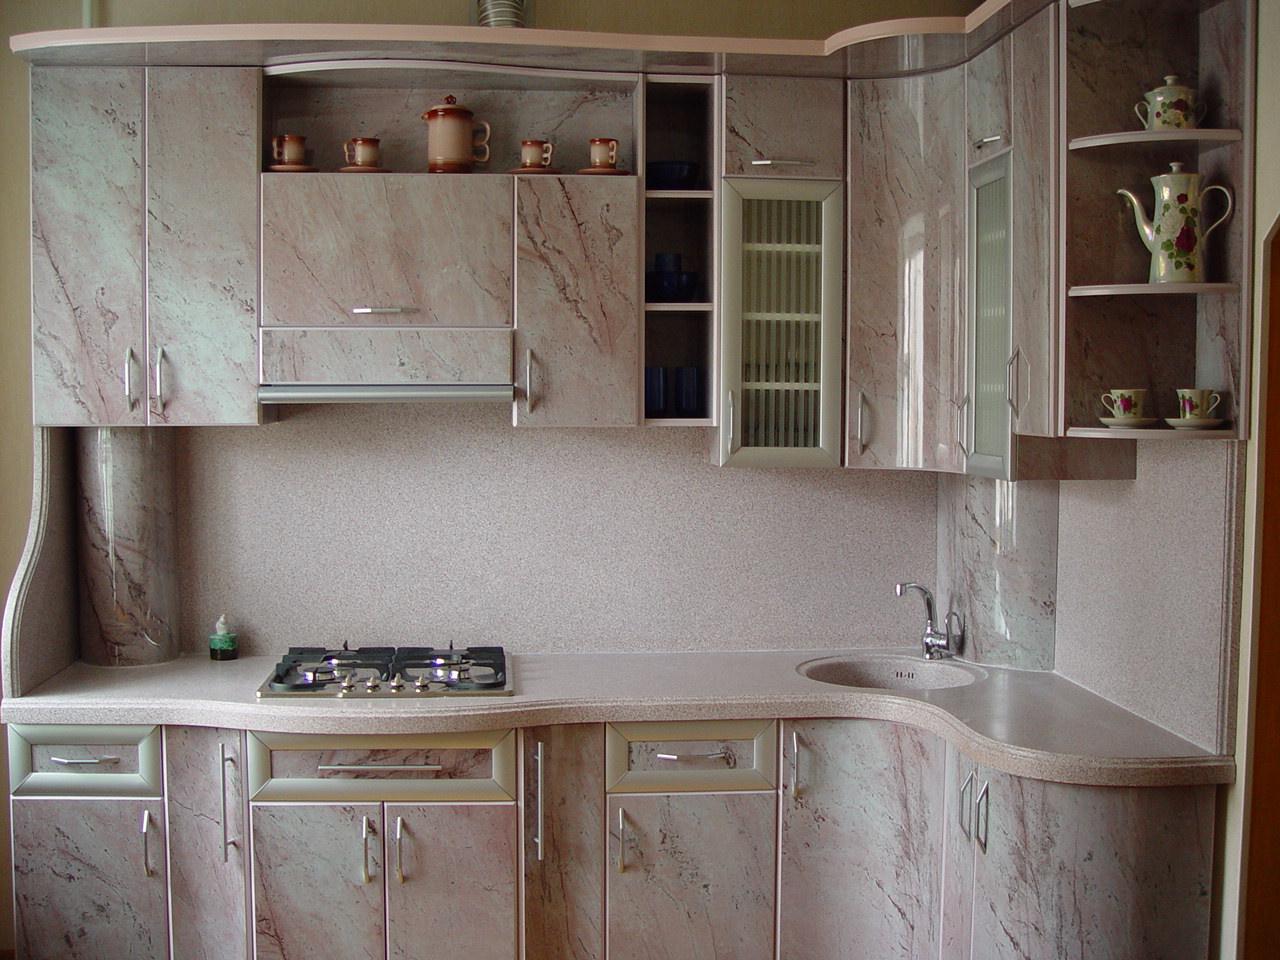 Декор трубы на кухне панелями под мрамор